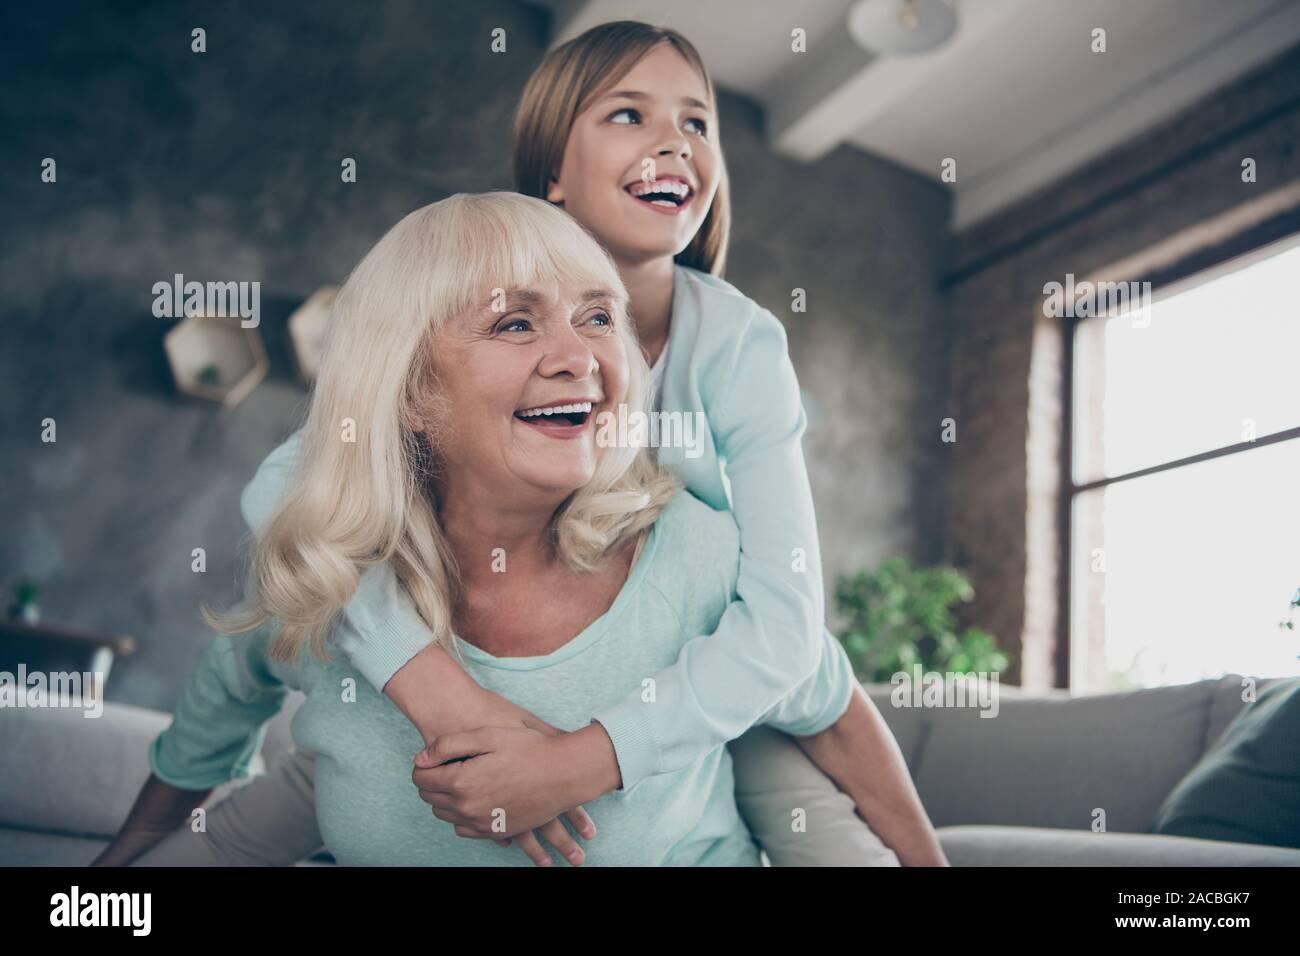 Low angle view photo de deux meilleurs amis personnes âgées de mignons petits granny piggyback hug fille petit-enfant jeu drôle de jeu passer week-end ensemble chambre Banque D'Images